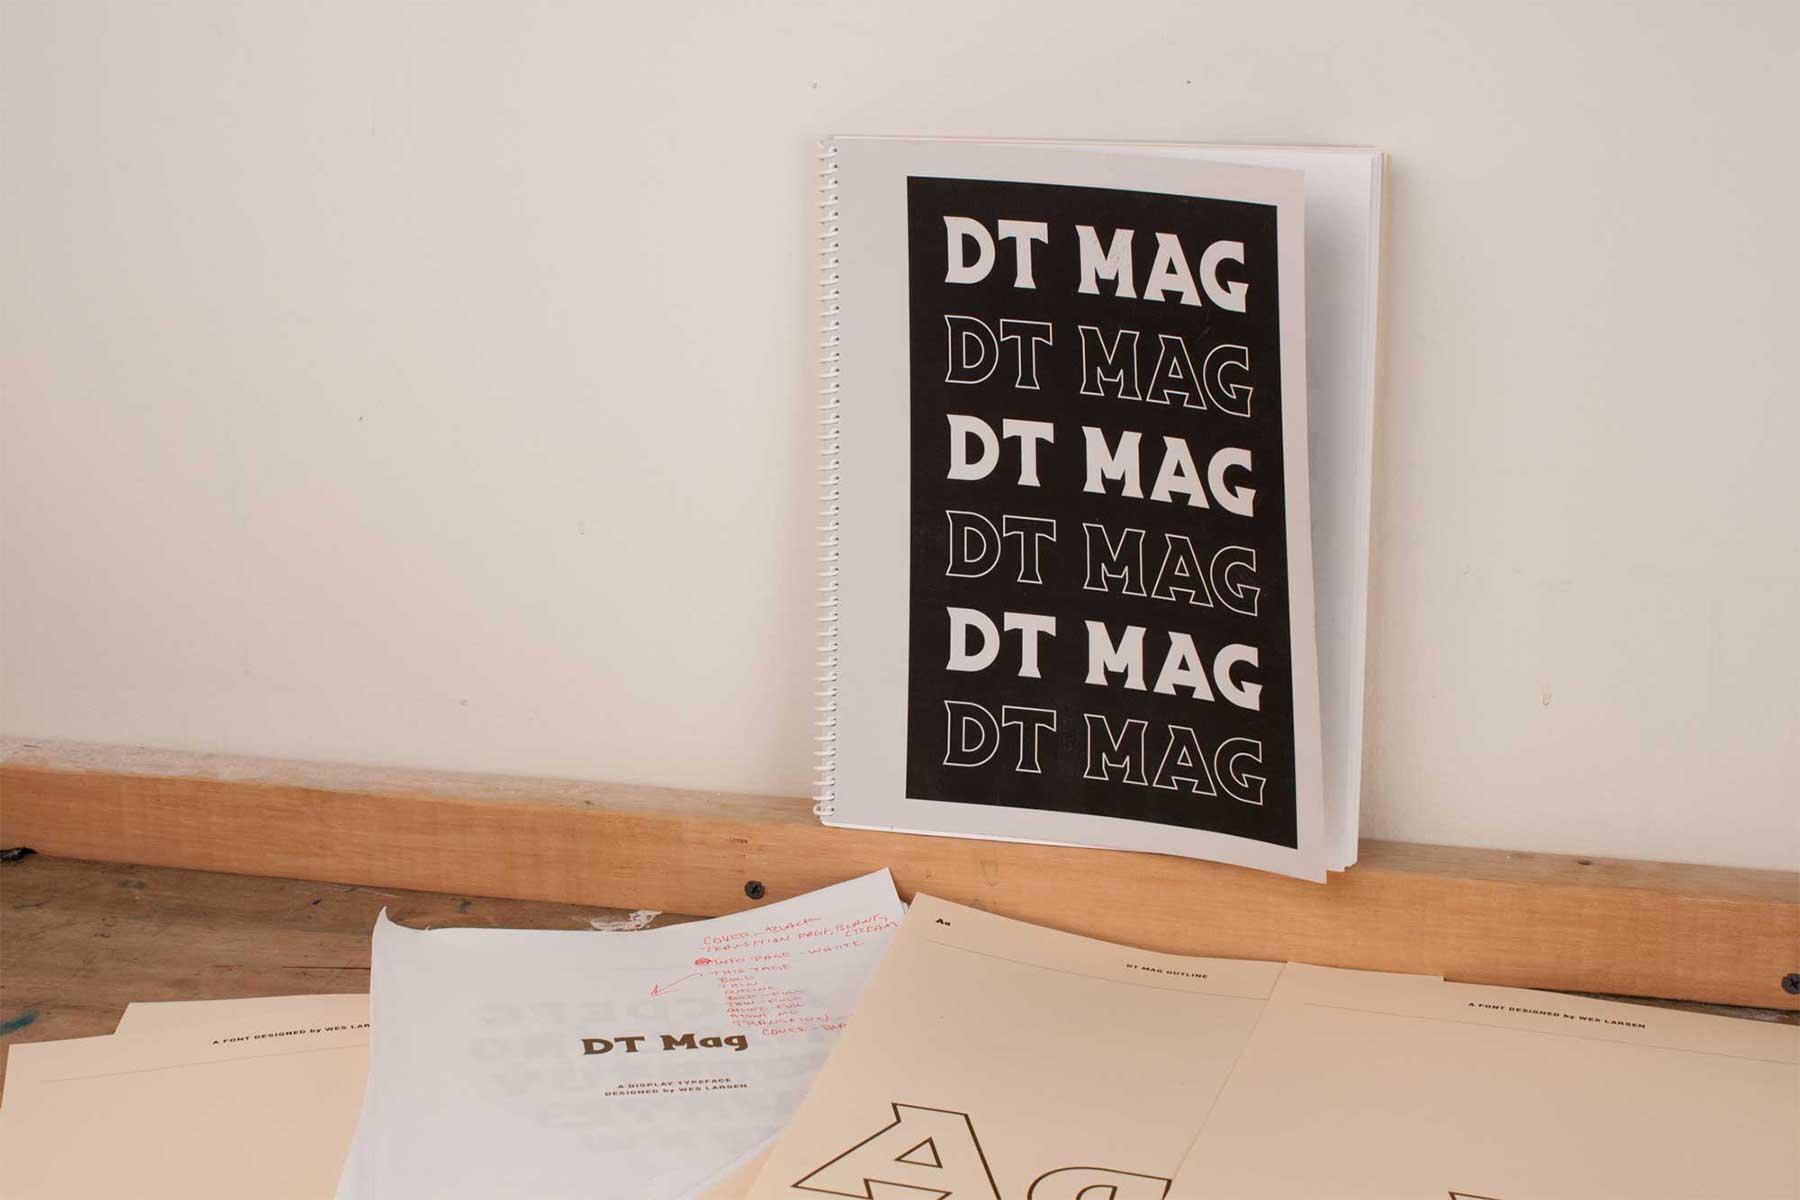 DT Mag Specimen Book